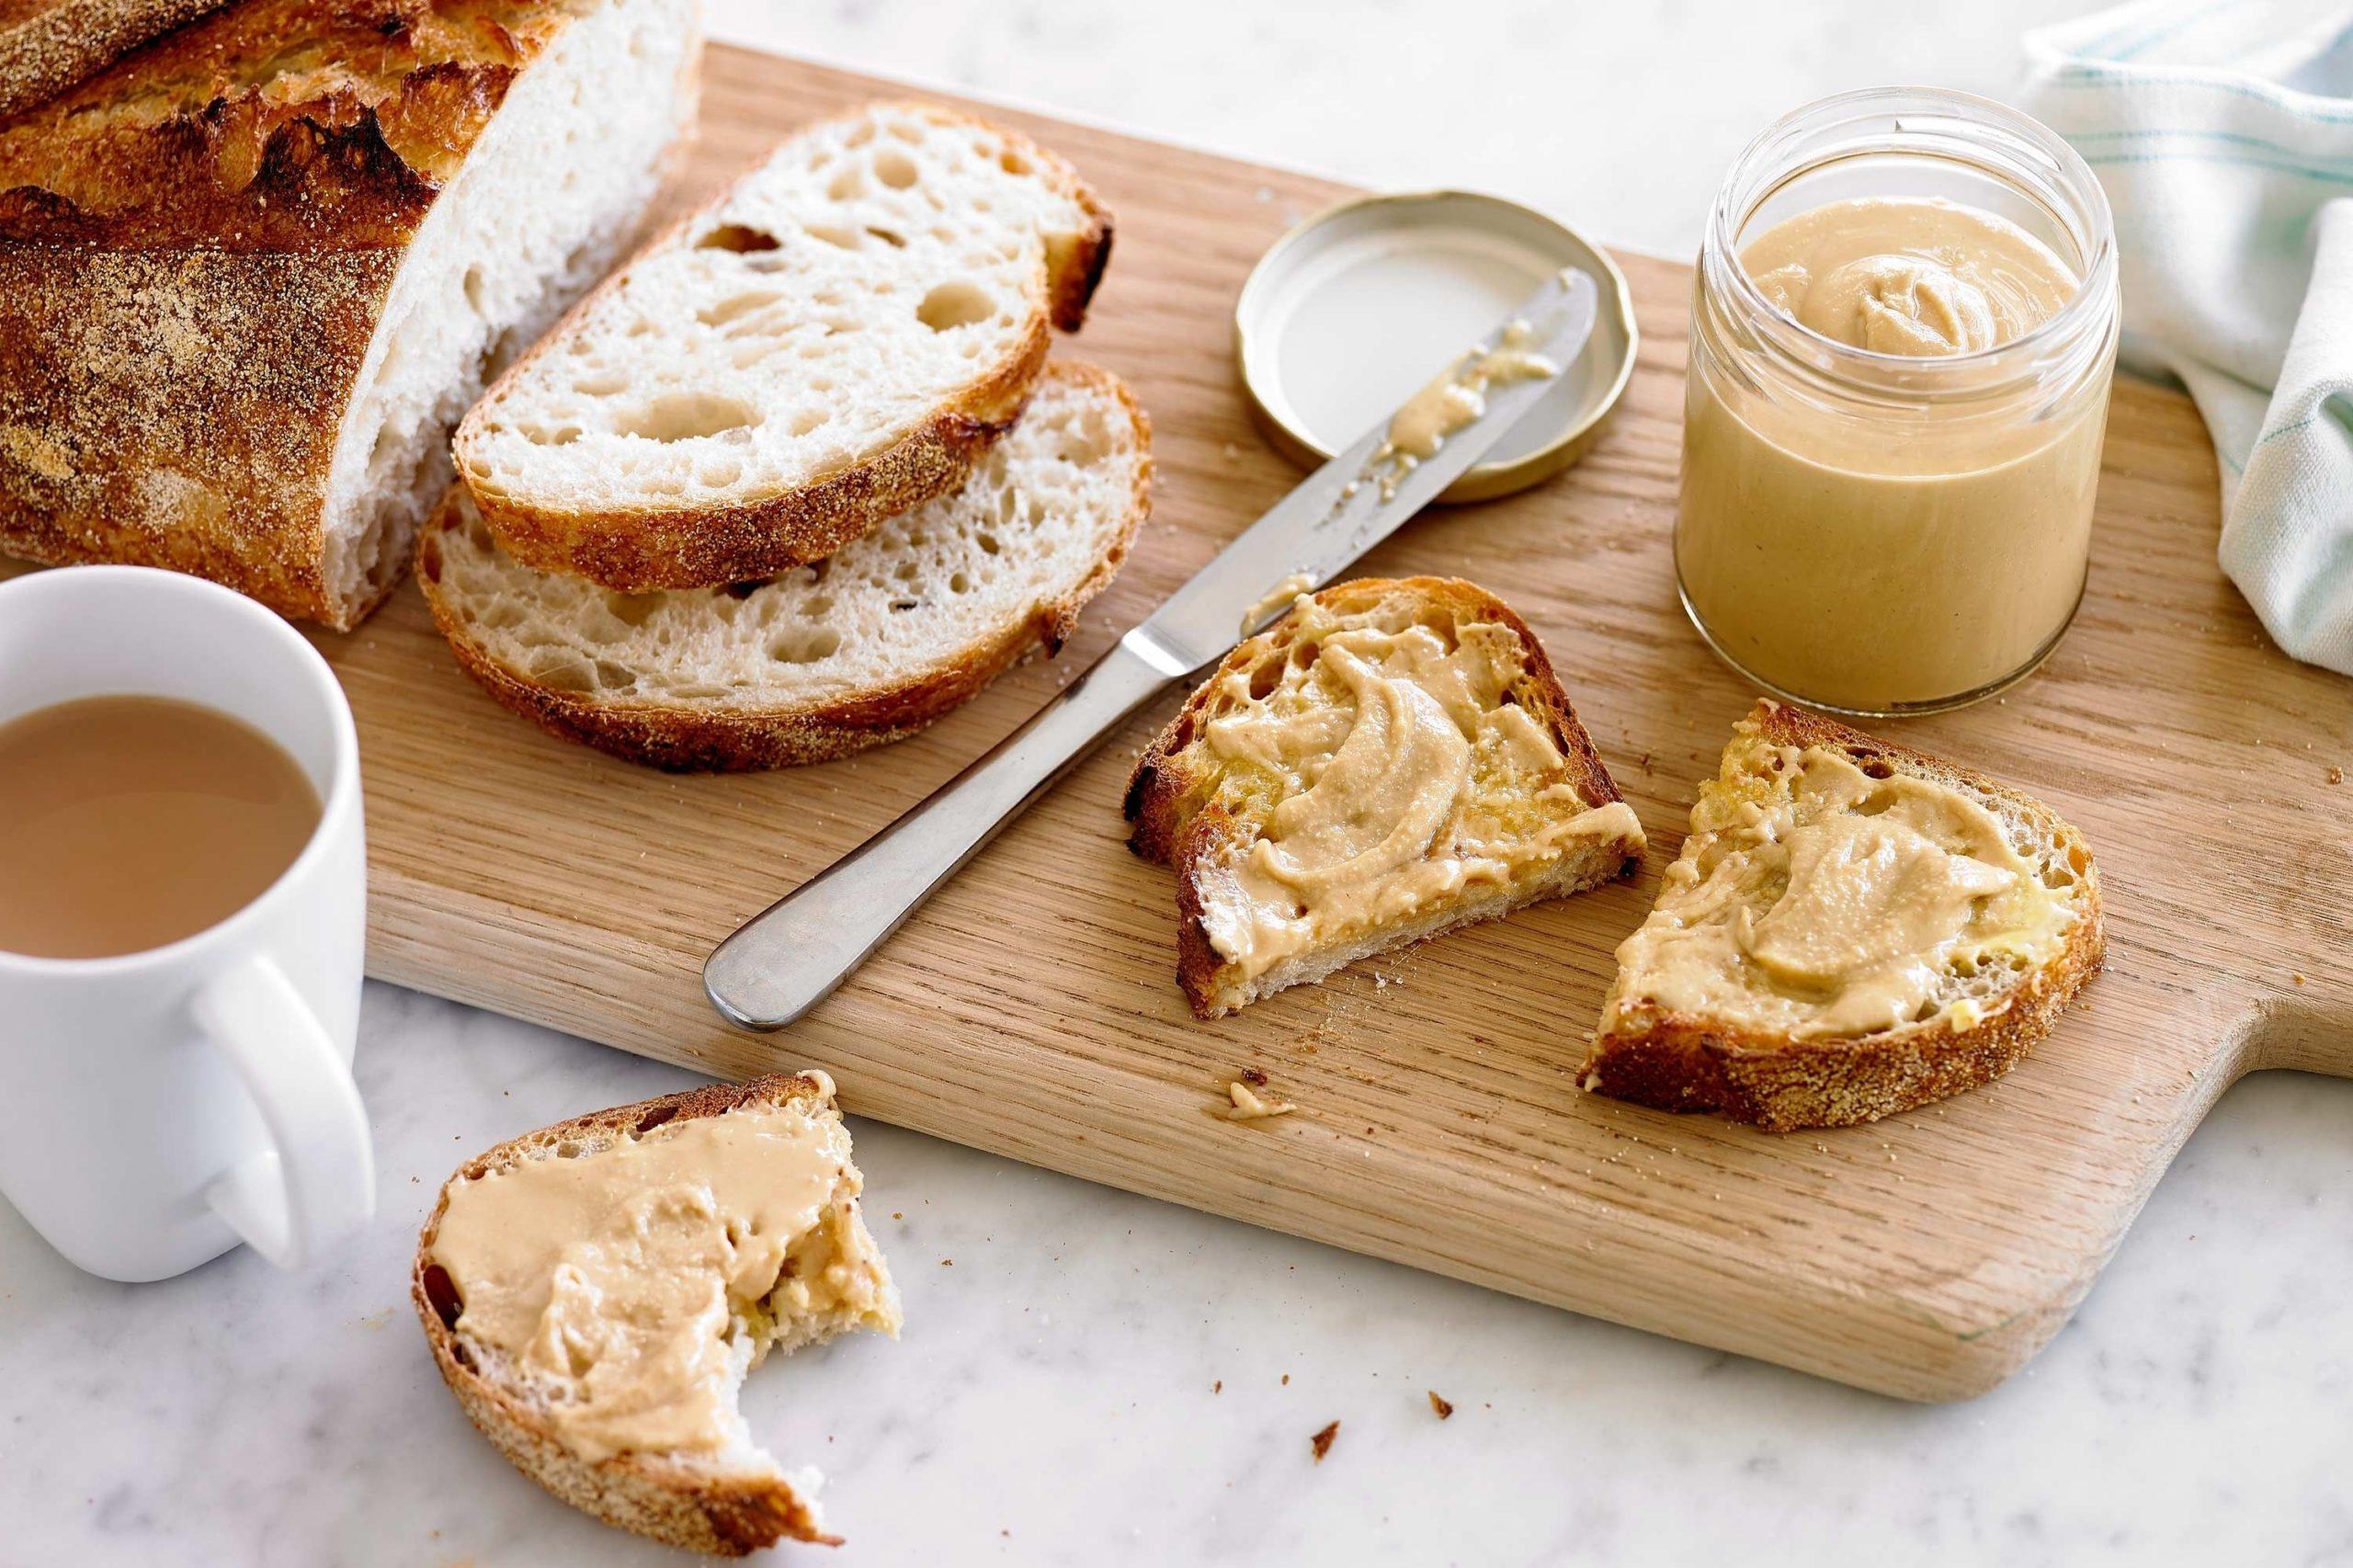 Idée de collation saine: houmous et pain.